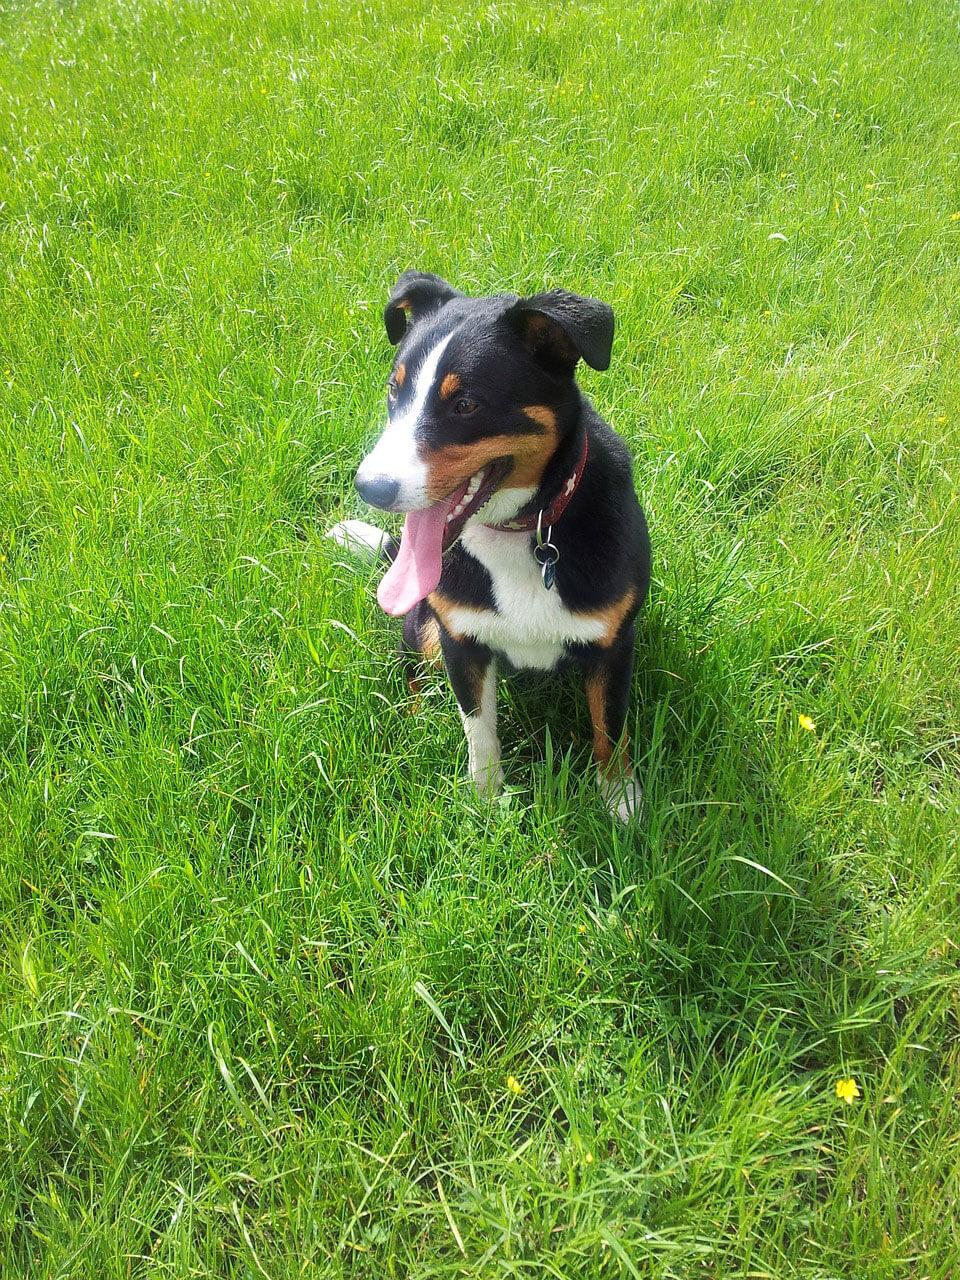 Appenzeller Sennenhund Dog Breed » Info, Pics, & More